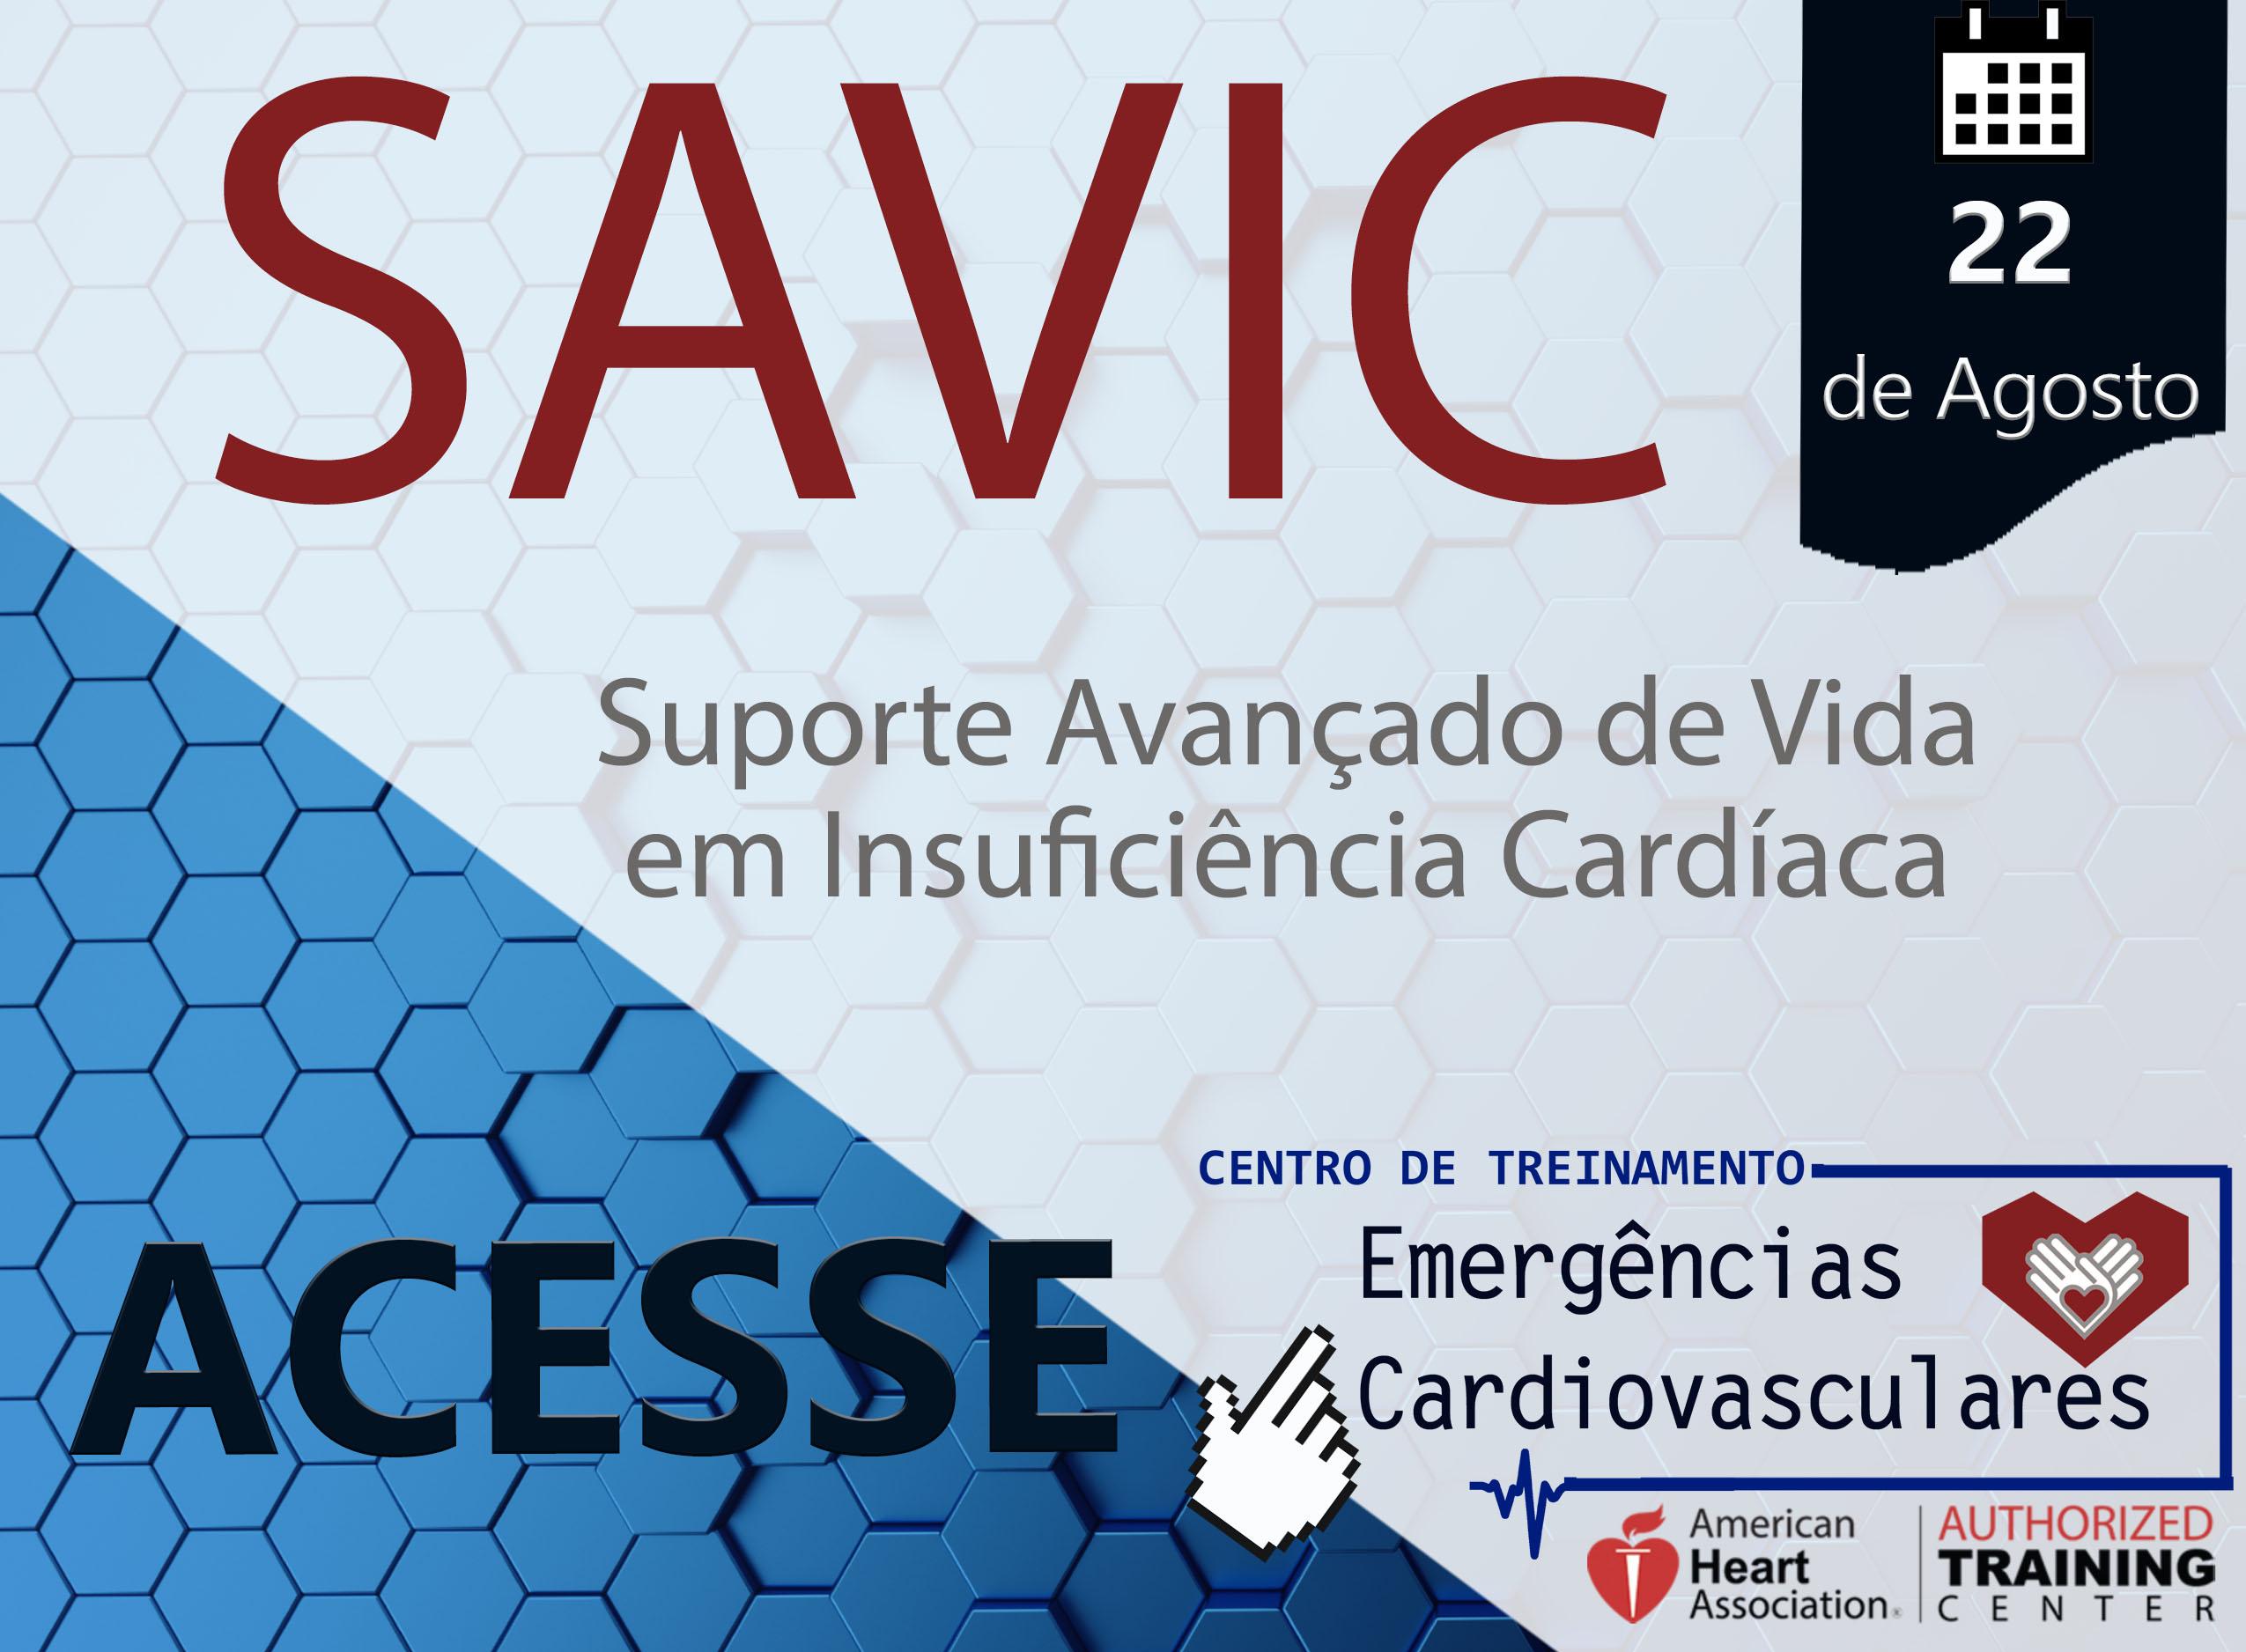 Imagem SAVIC